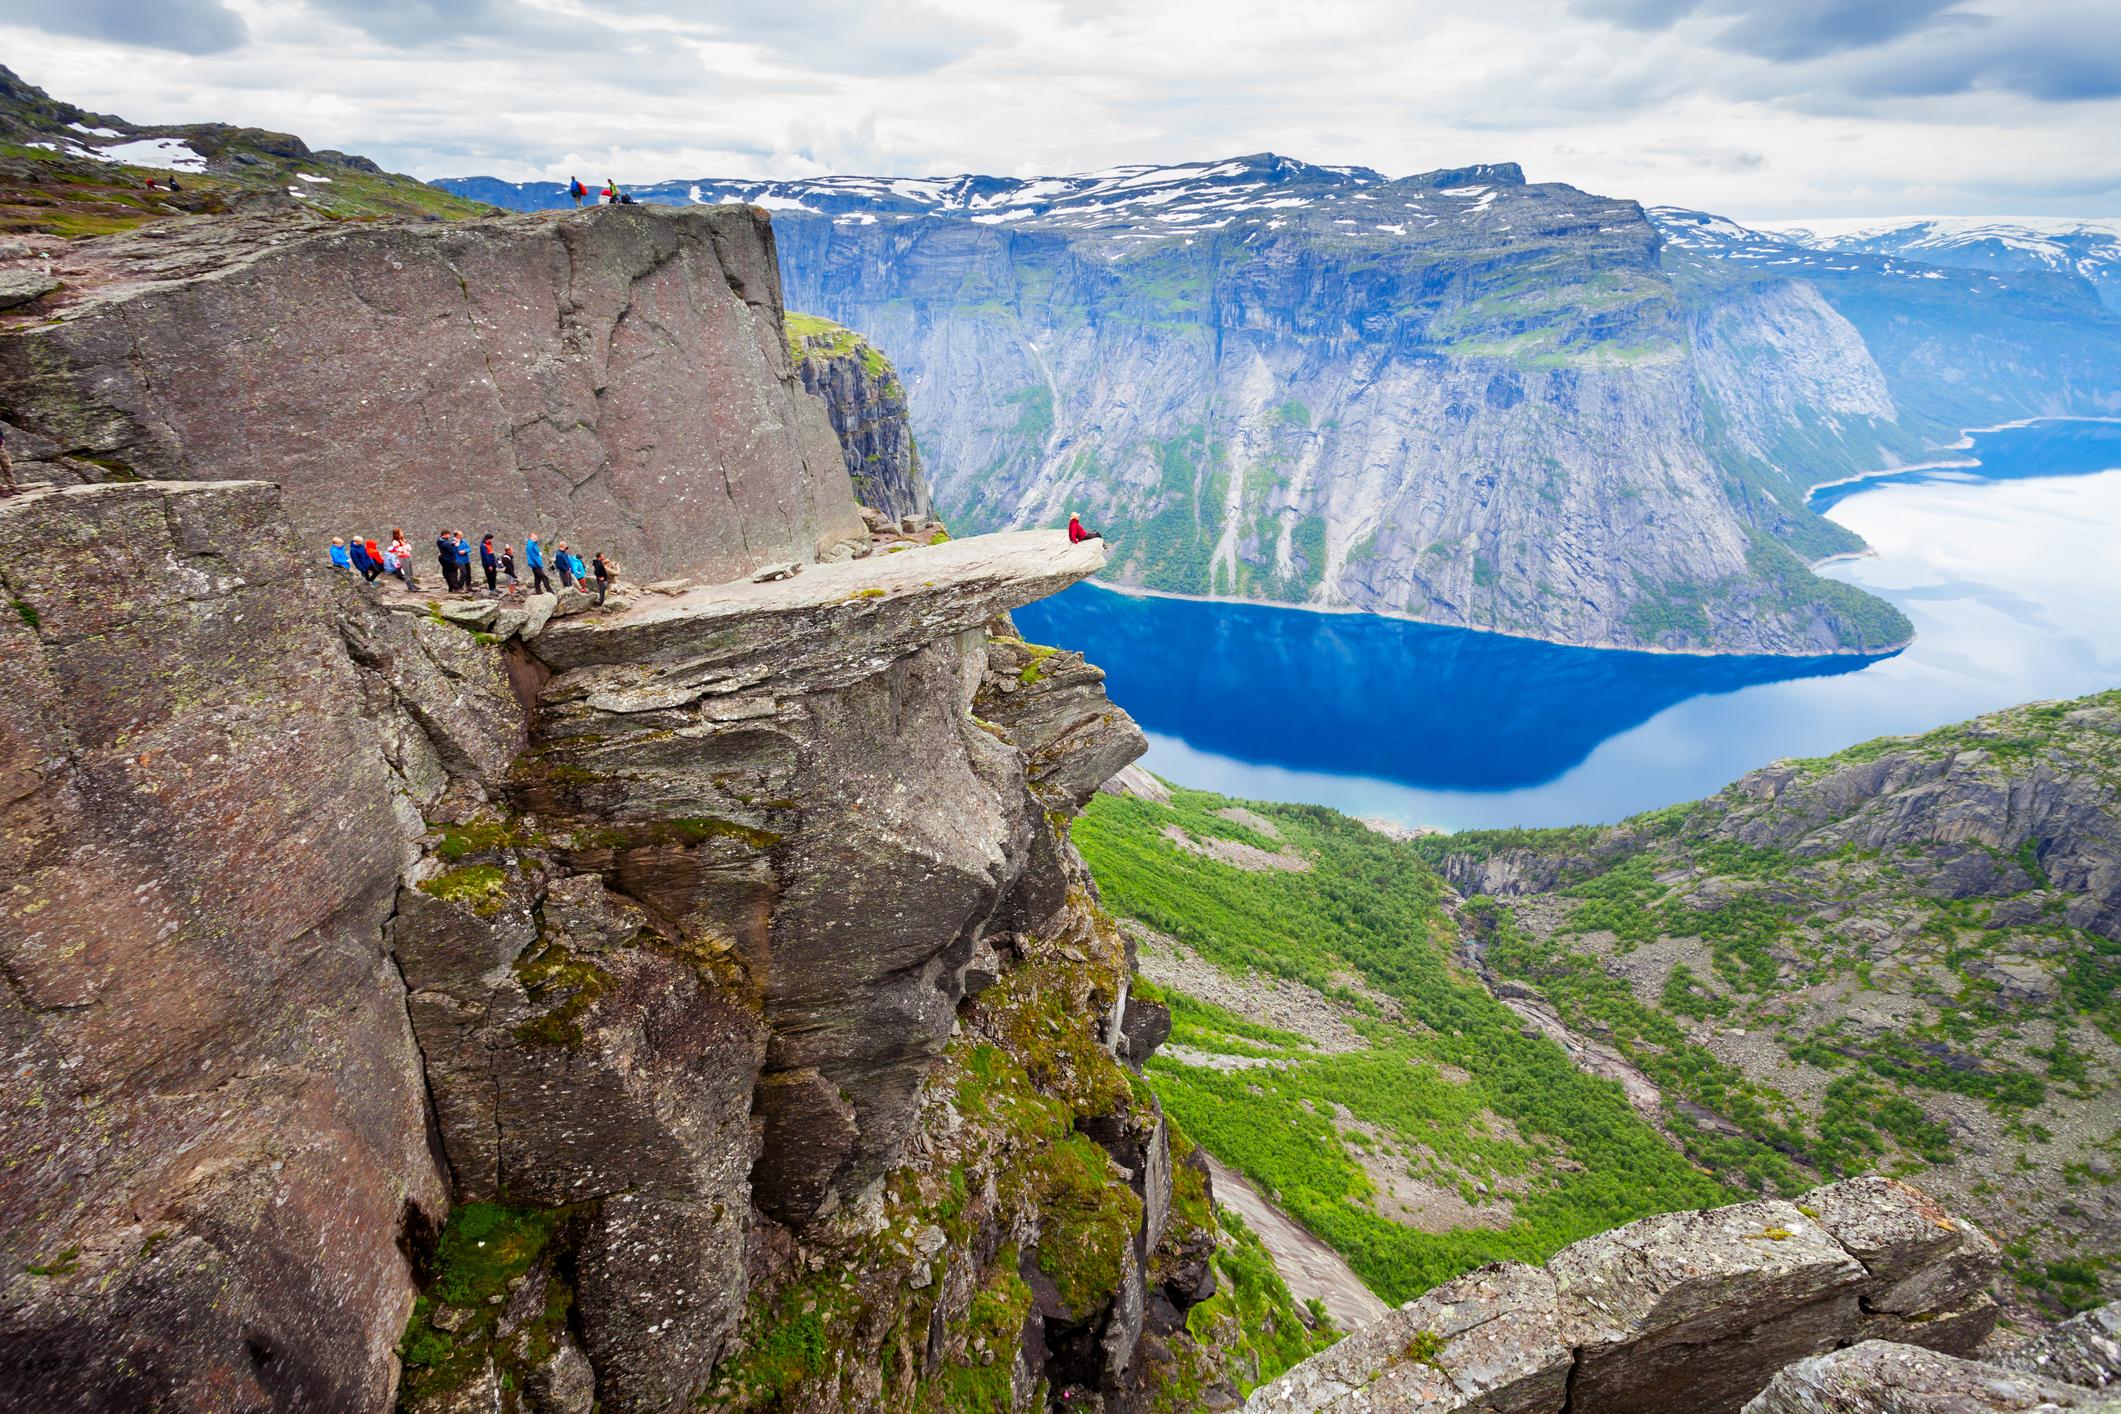 """<strong>Trolltunga, Норвегия </strong><br> <br> """"Езикът на трола"""" е скално образование в долината Скегедал, в близост до град Ода в Норвегия. Представлява хоризонтален скален блок, издаден на 700 метра над езерото Рингедалсватнет. По форма наподобява език, откъдето е получил името си. """"Езикът на трола"""" е едно от най-впечатляващите и повдигащи адреналина места в Норвегия. При ясно време пред вас ще се разкрие изключително красива и незабравима гледка към долината."""